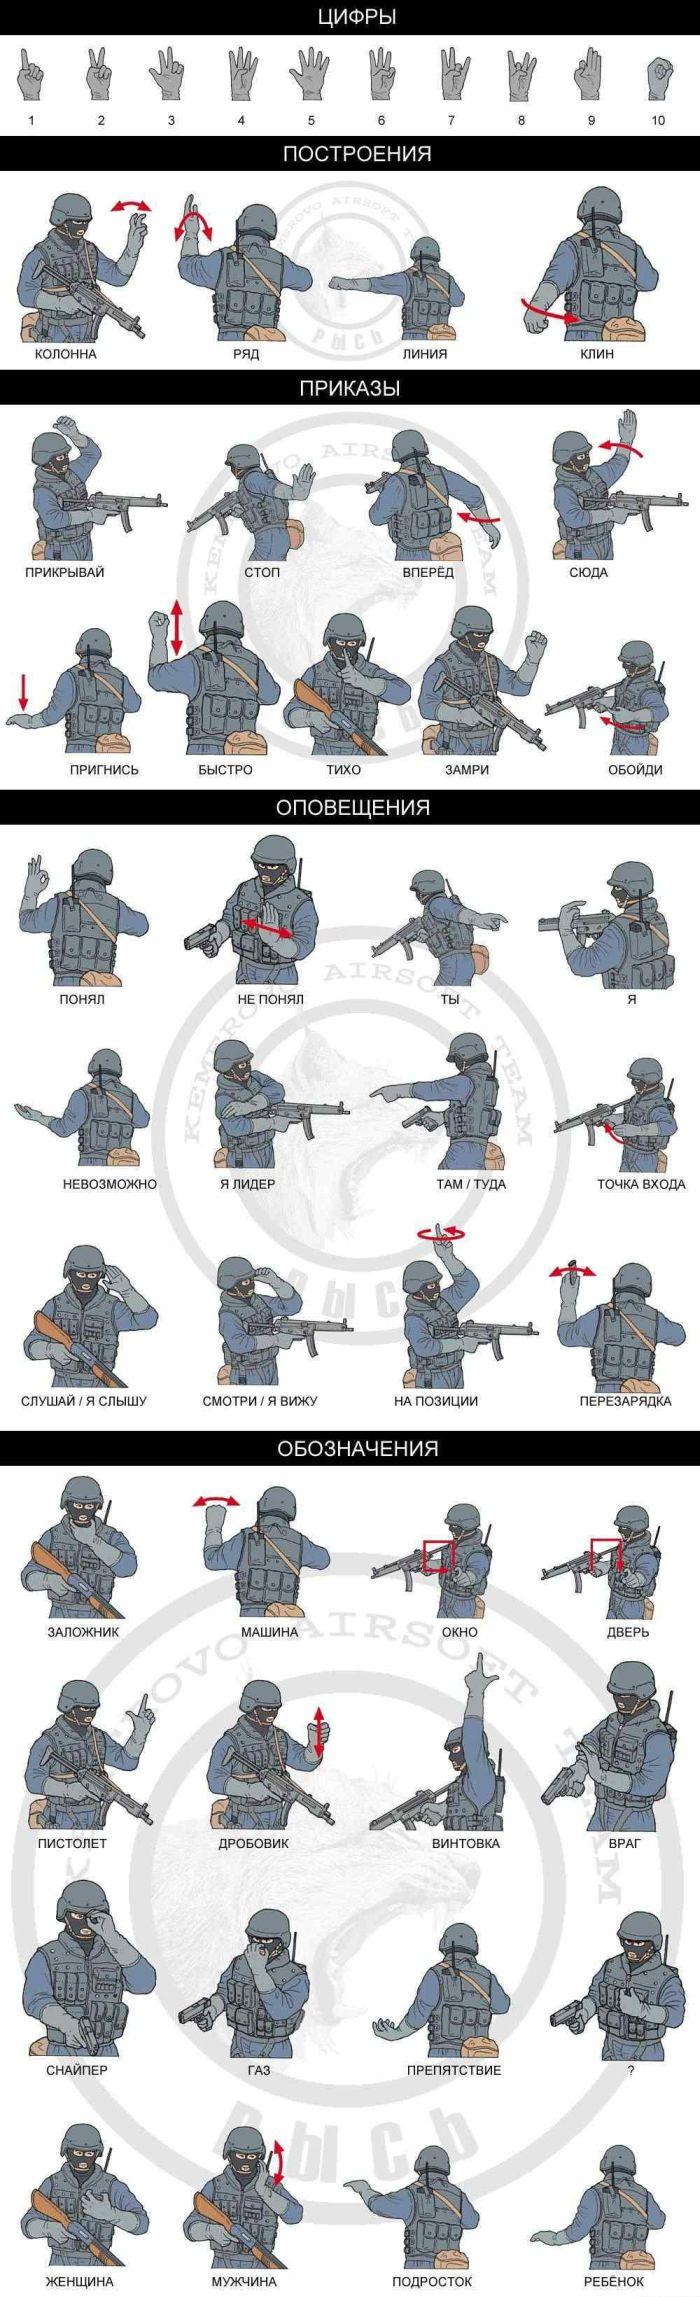 Жесты спецназа (1 картинка)